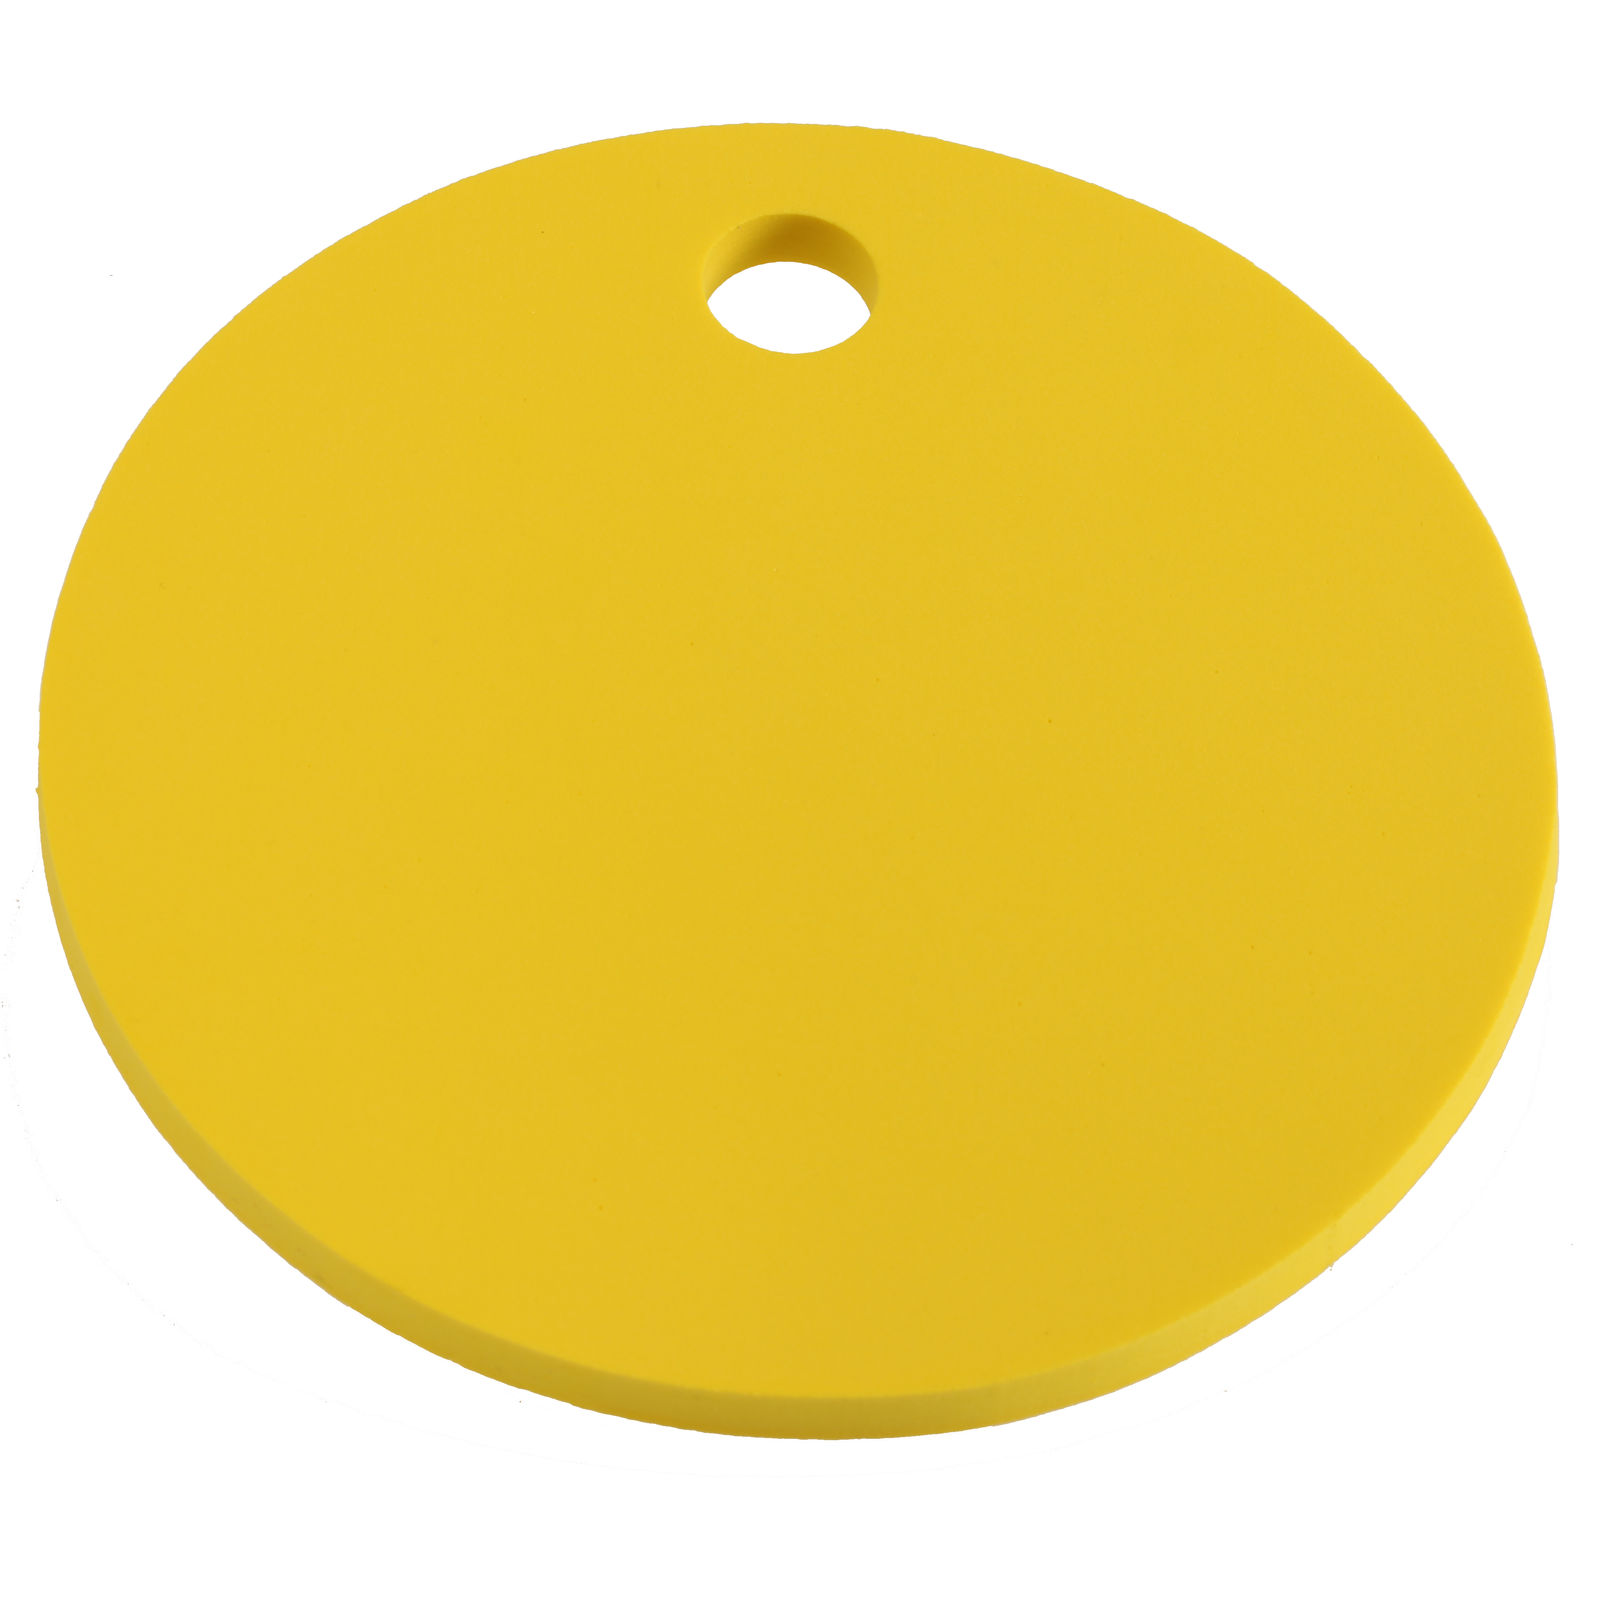 waldkindergarten sitzkissen gelb walkindergarten ausstattung. Black Bedroom Furniture Sets. Home Design Ideas